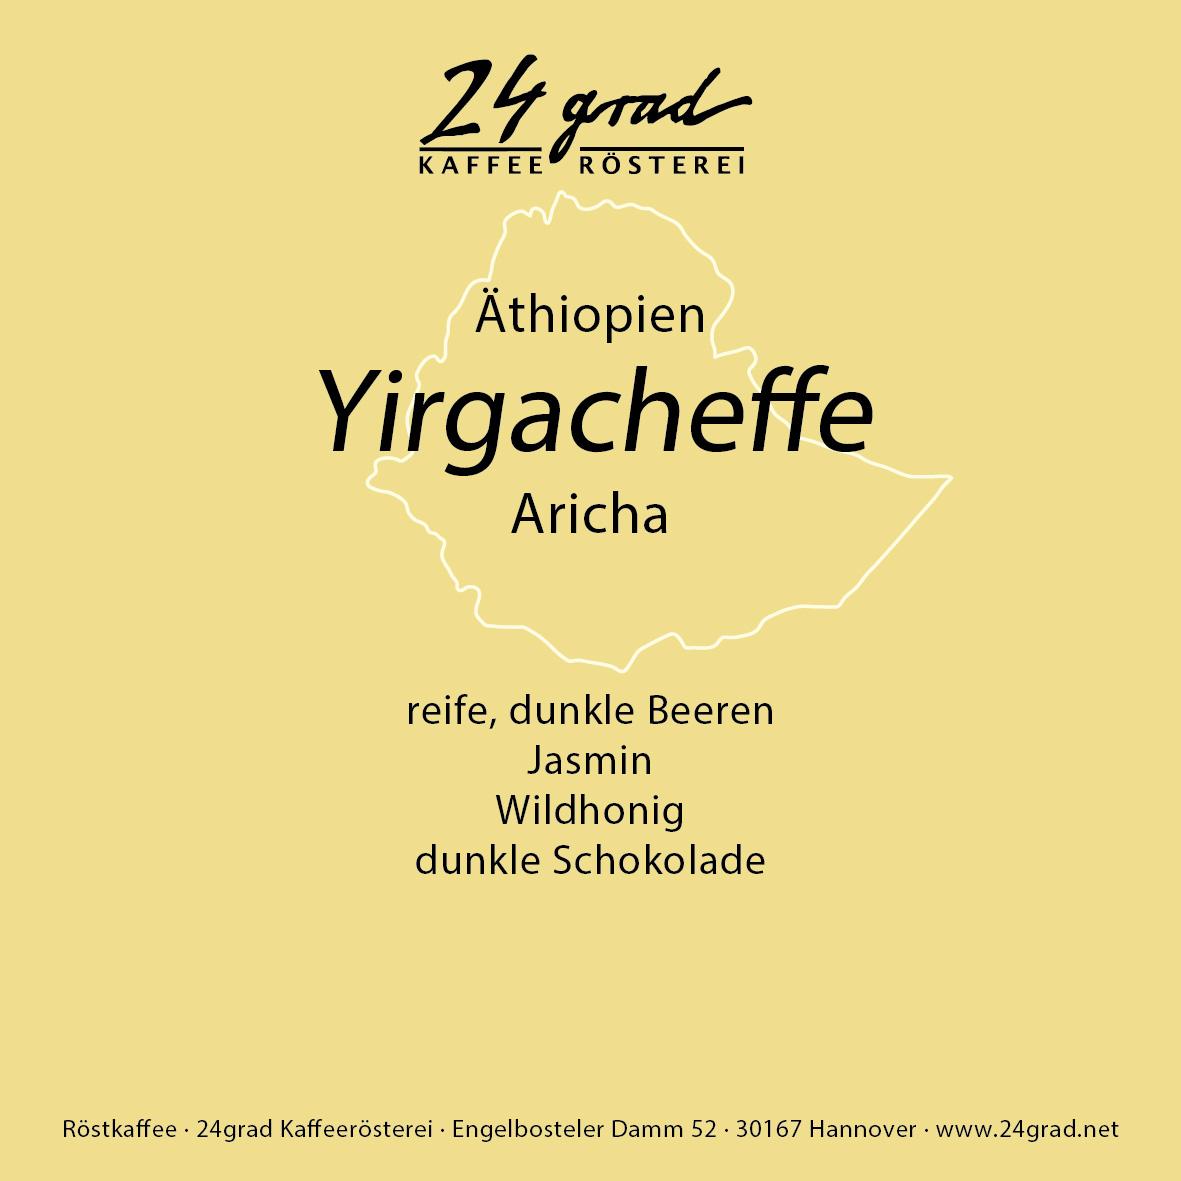 Yirgacheffe Aricha